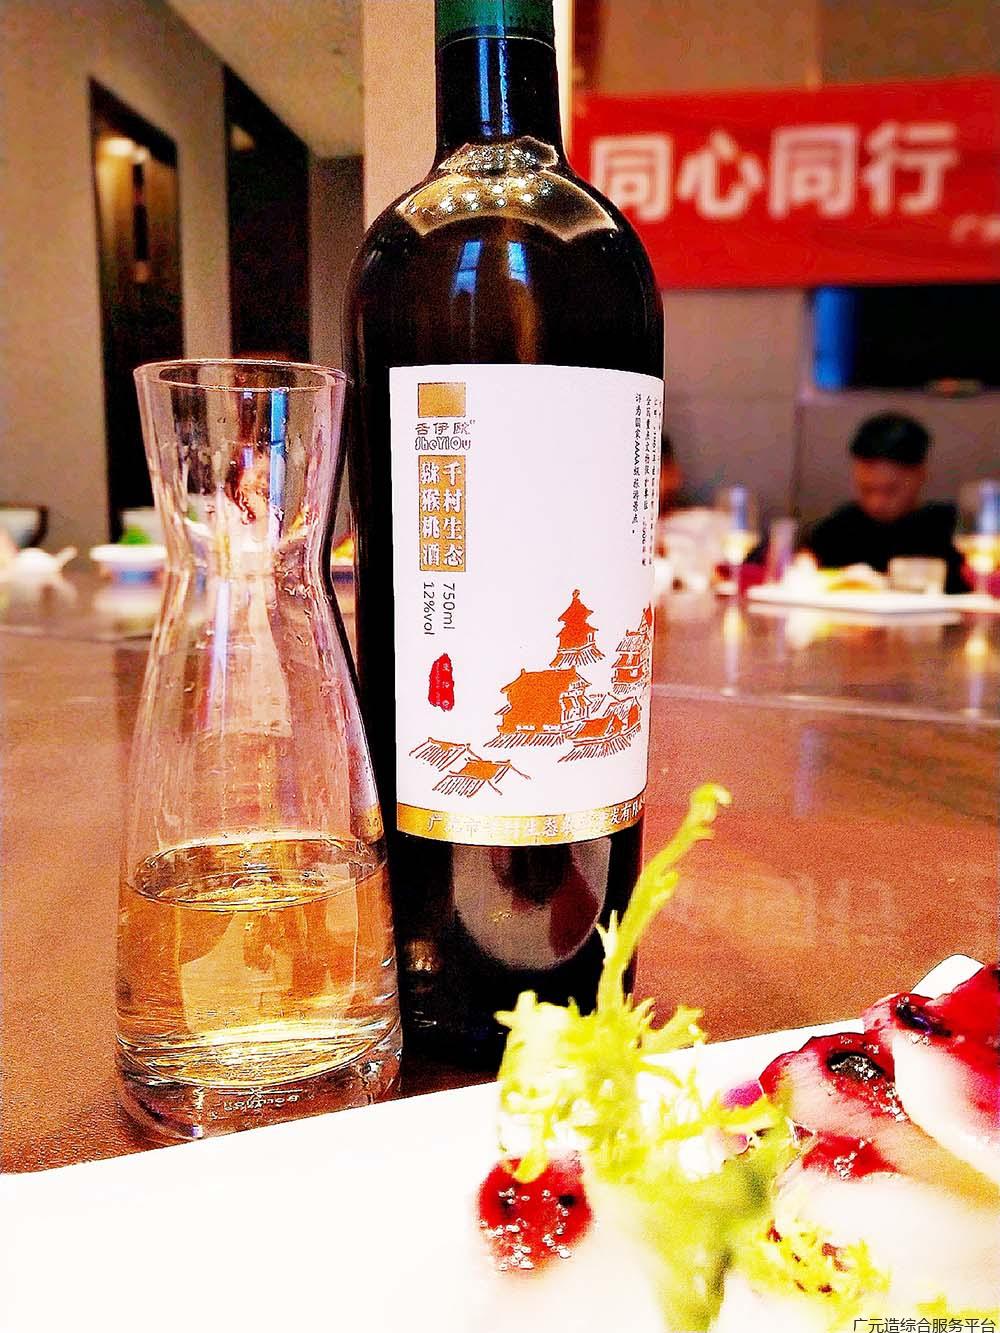 千村生态猕猴桃酒